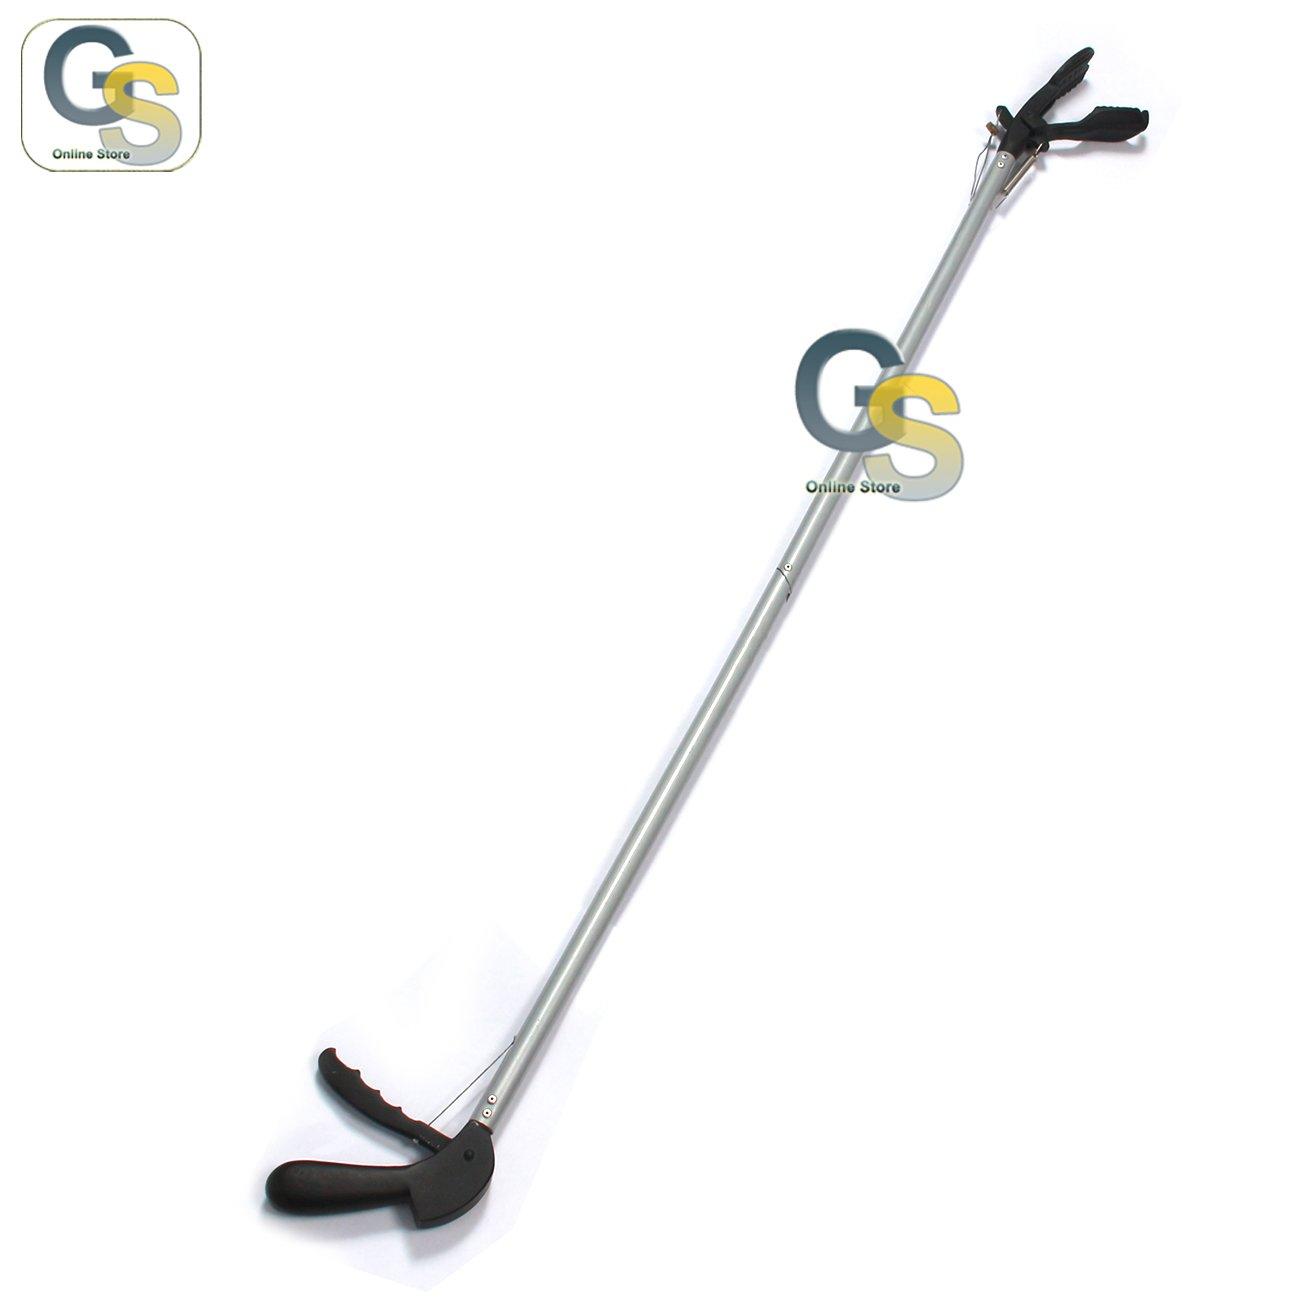 G.S 40'' SNAKE CATCHER STICK GRAY COLOR - RATTLE SNAKE CATCHER & GRABBER BEST QUALITY by G.S Veterinary